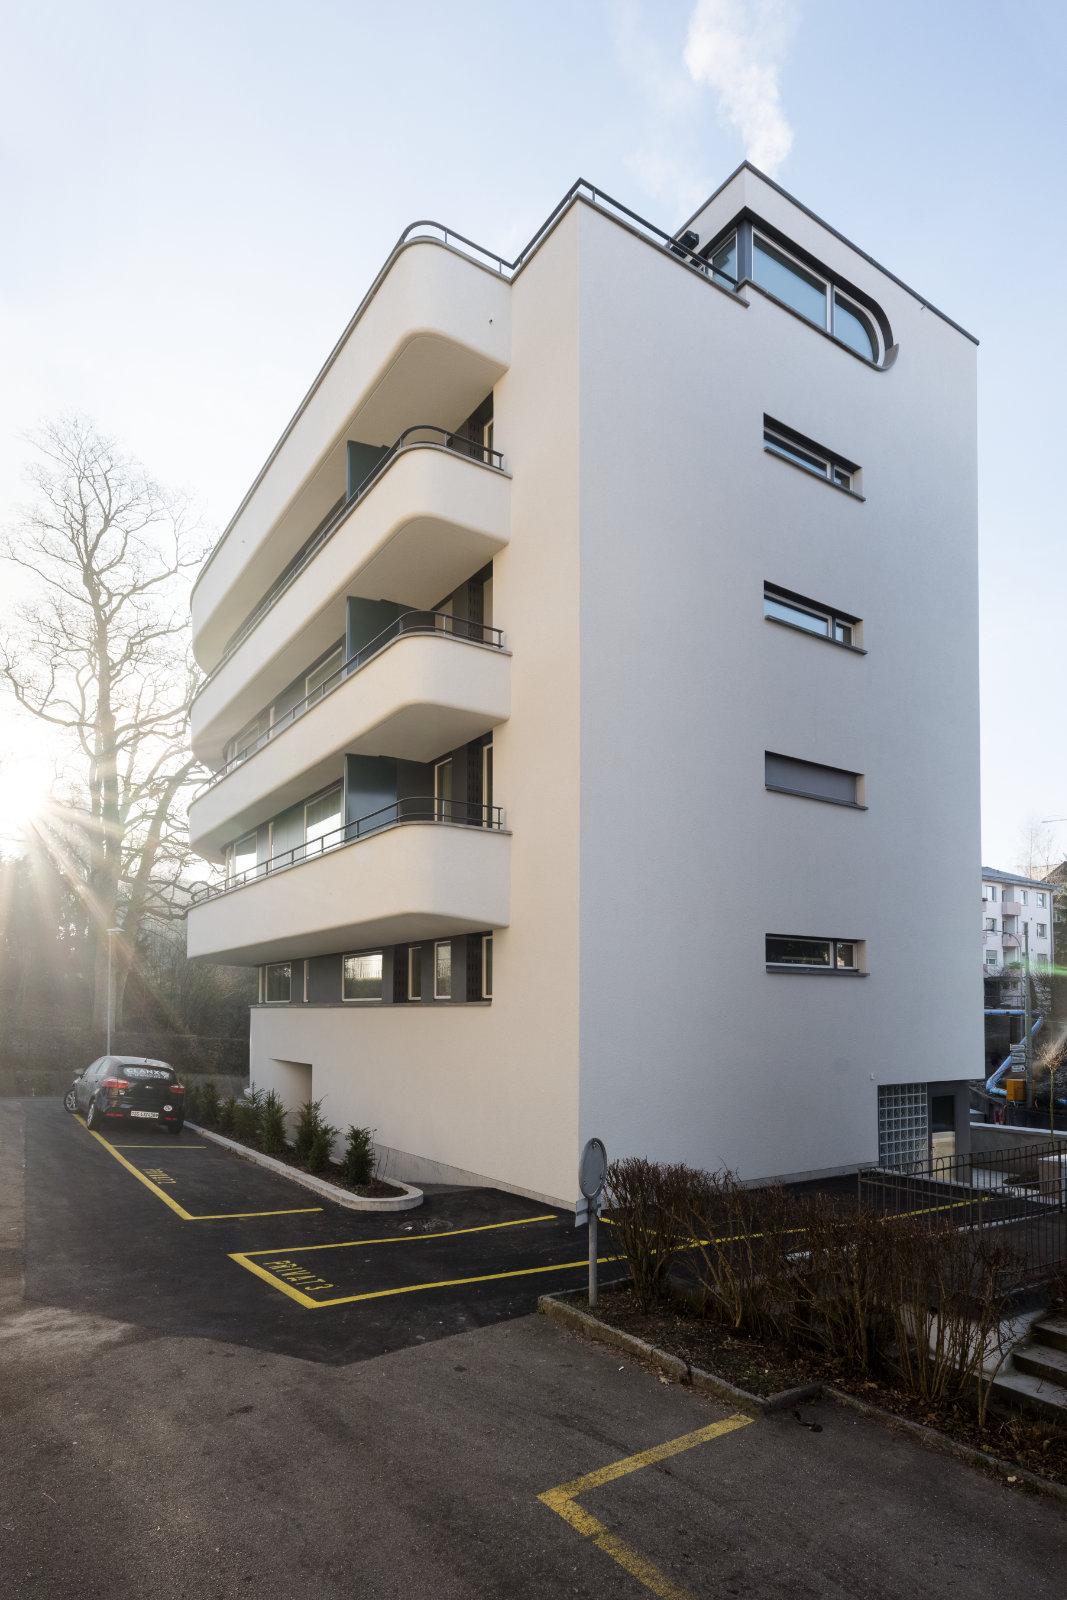 Zugang zum Mehrfamilienhaus an der Altmannstrasse in St. Gallen